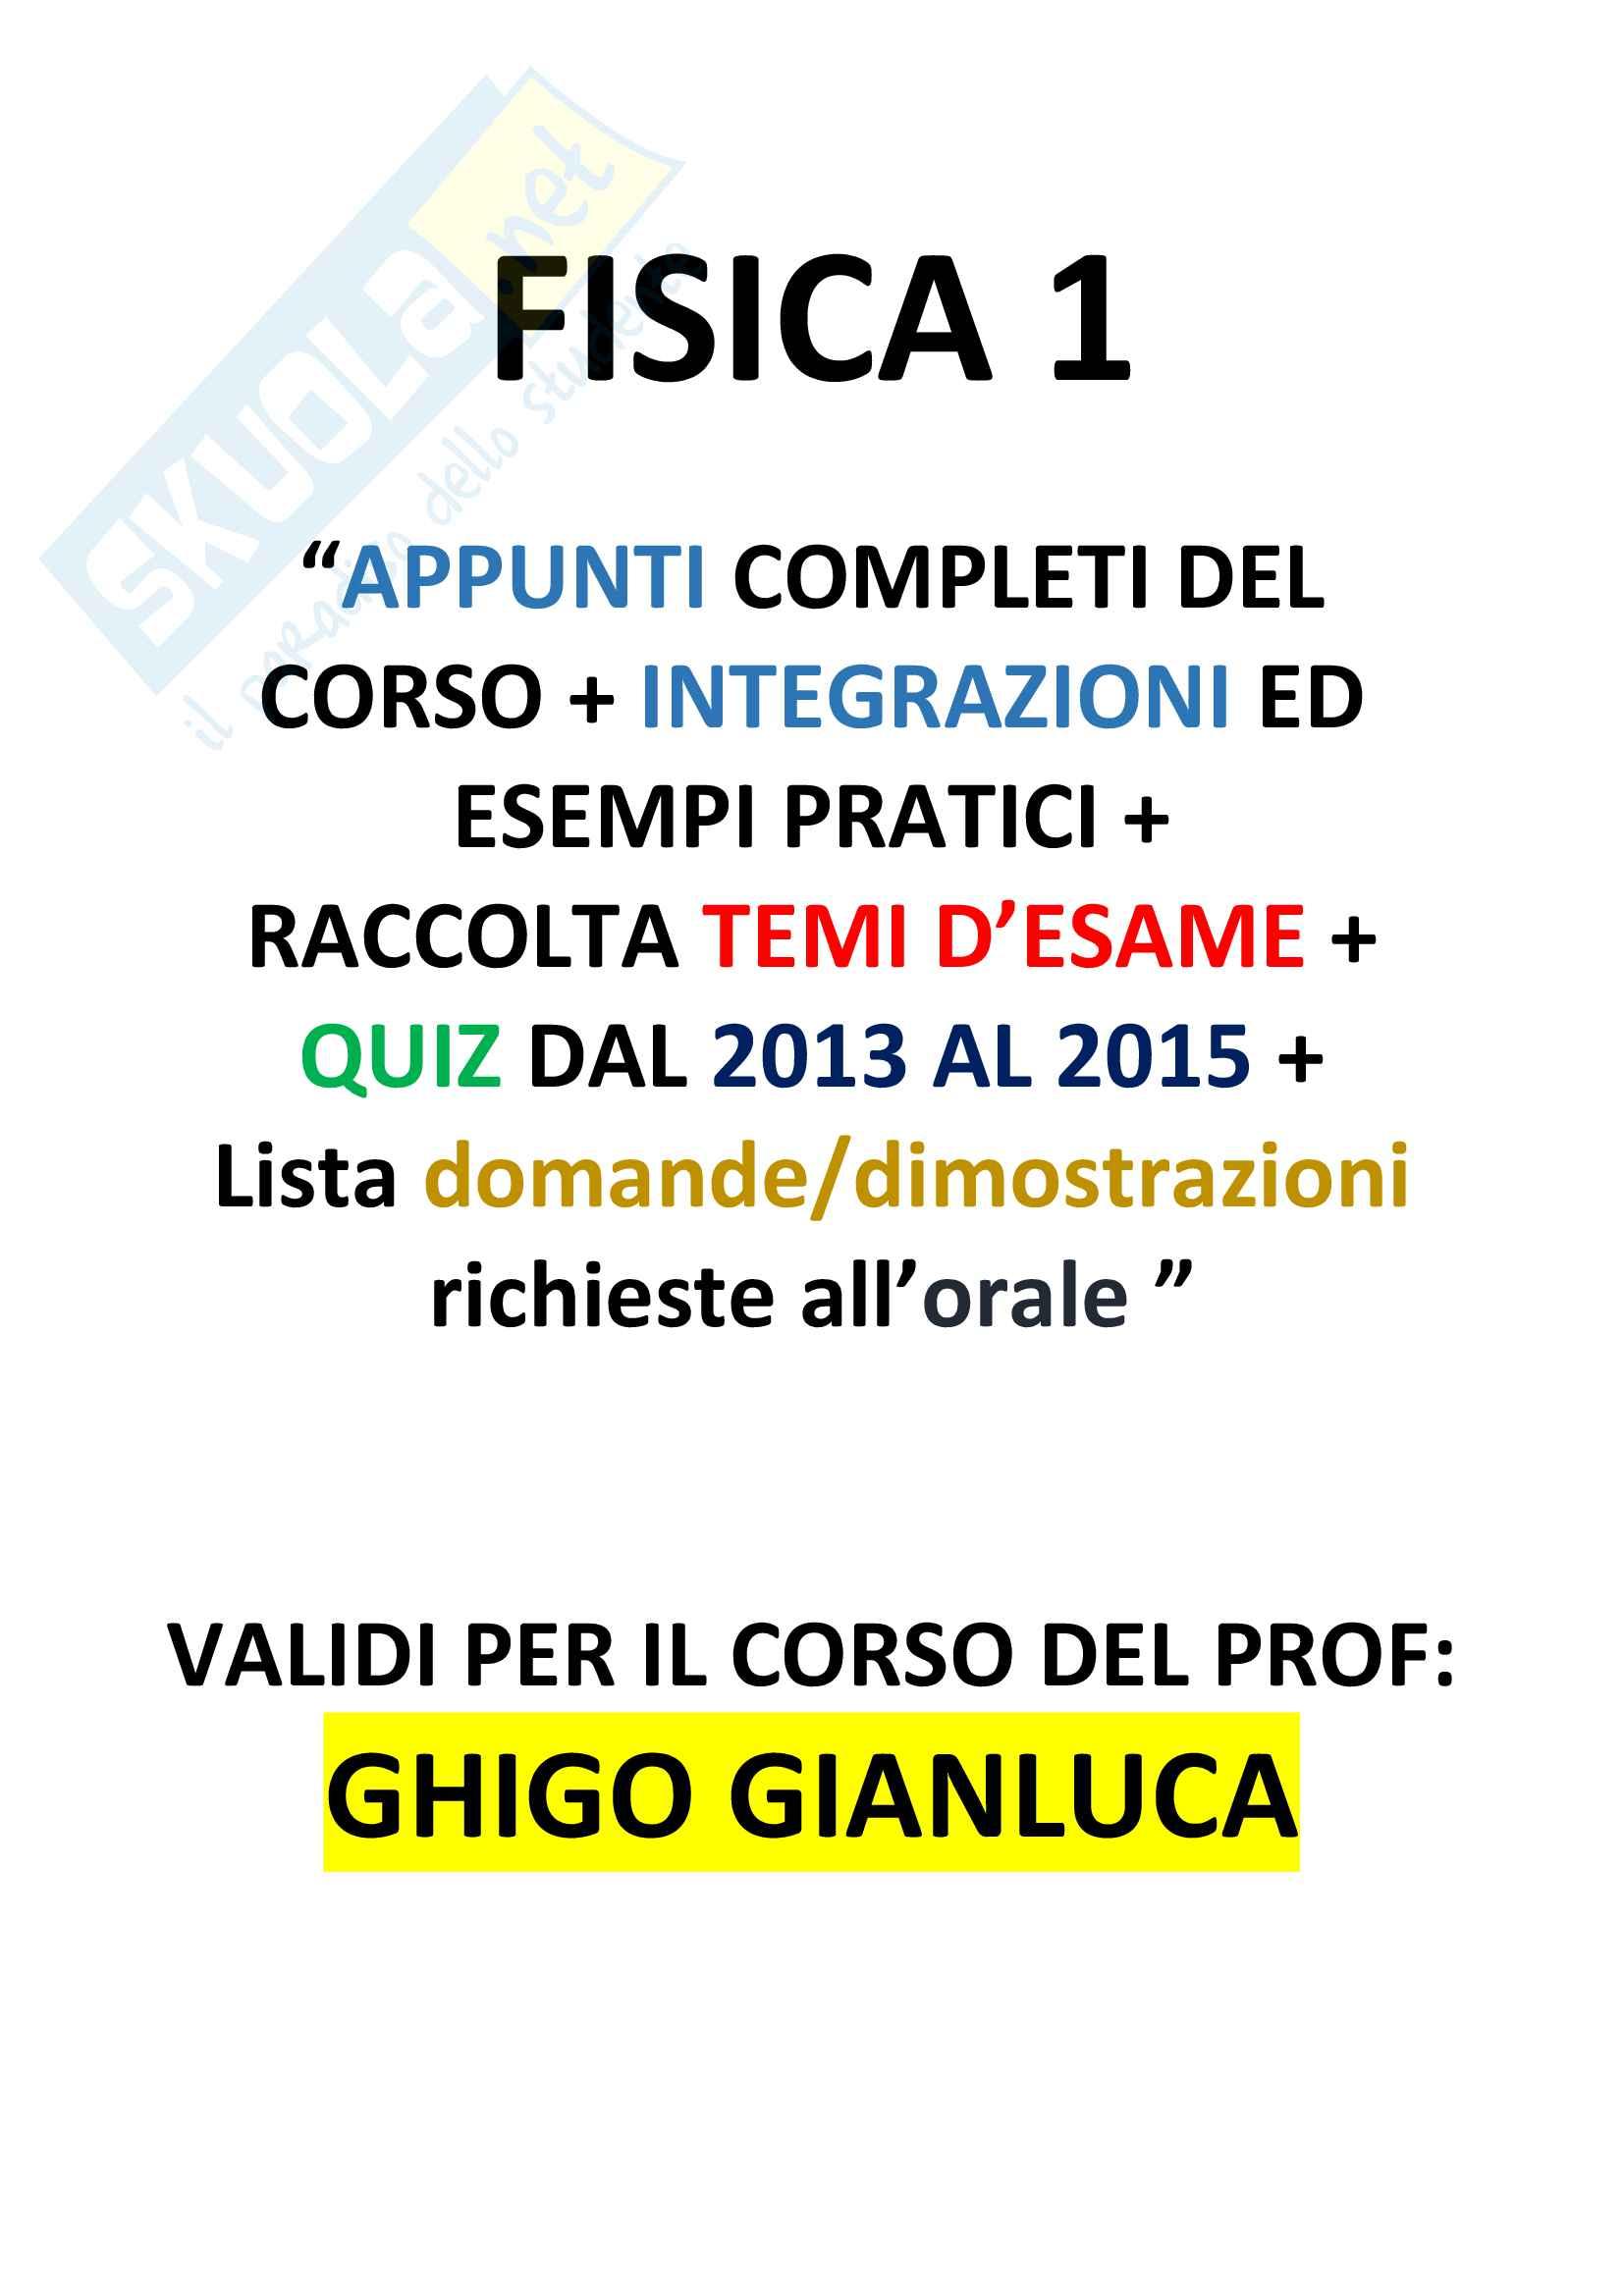 Fisica 1 , Ghigo Gianluca, Appunti + QUIZ Esame + Temi Esame (Polito)